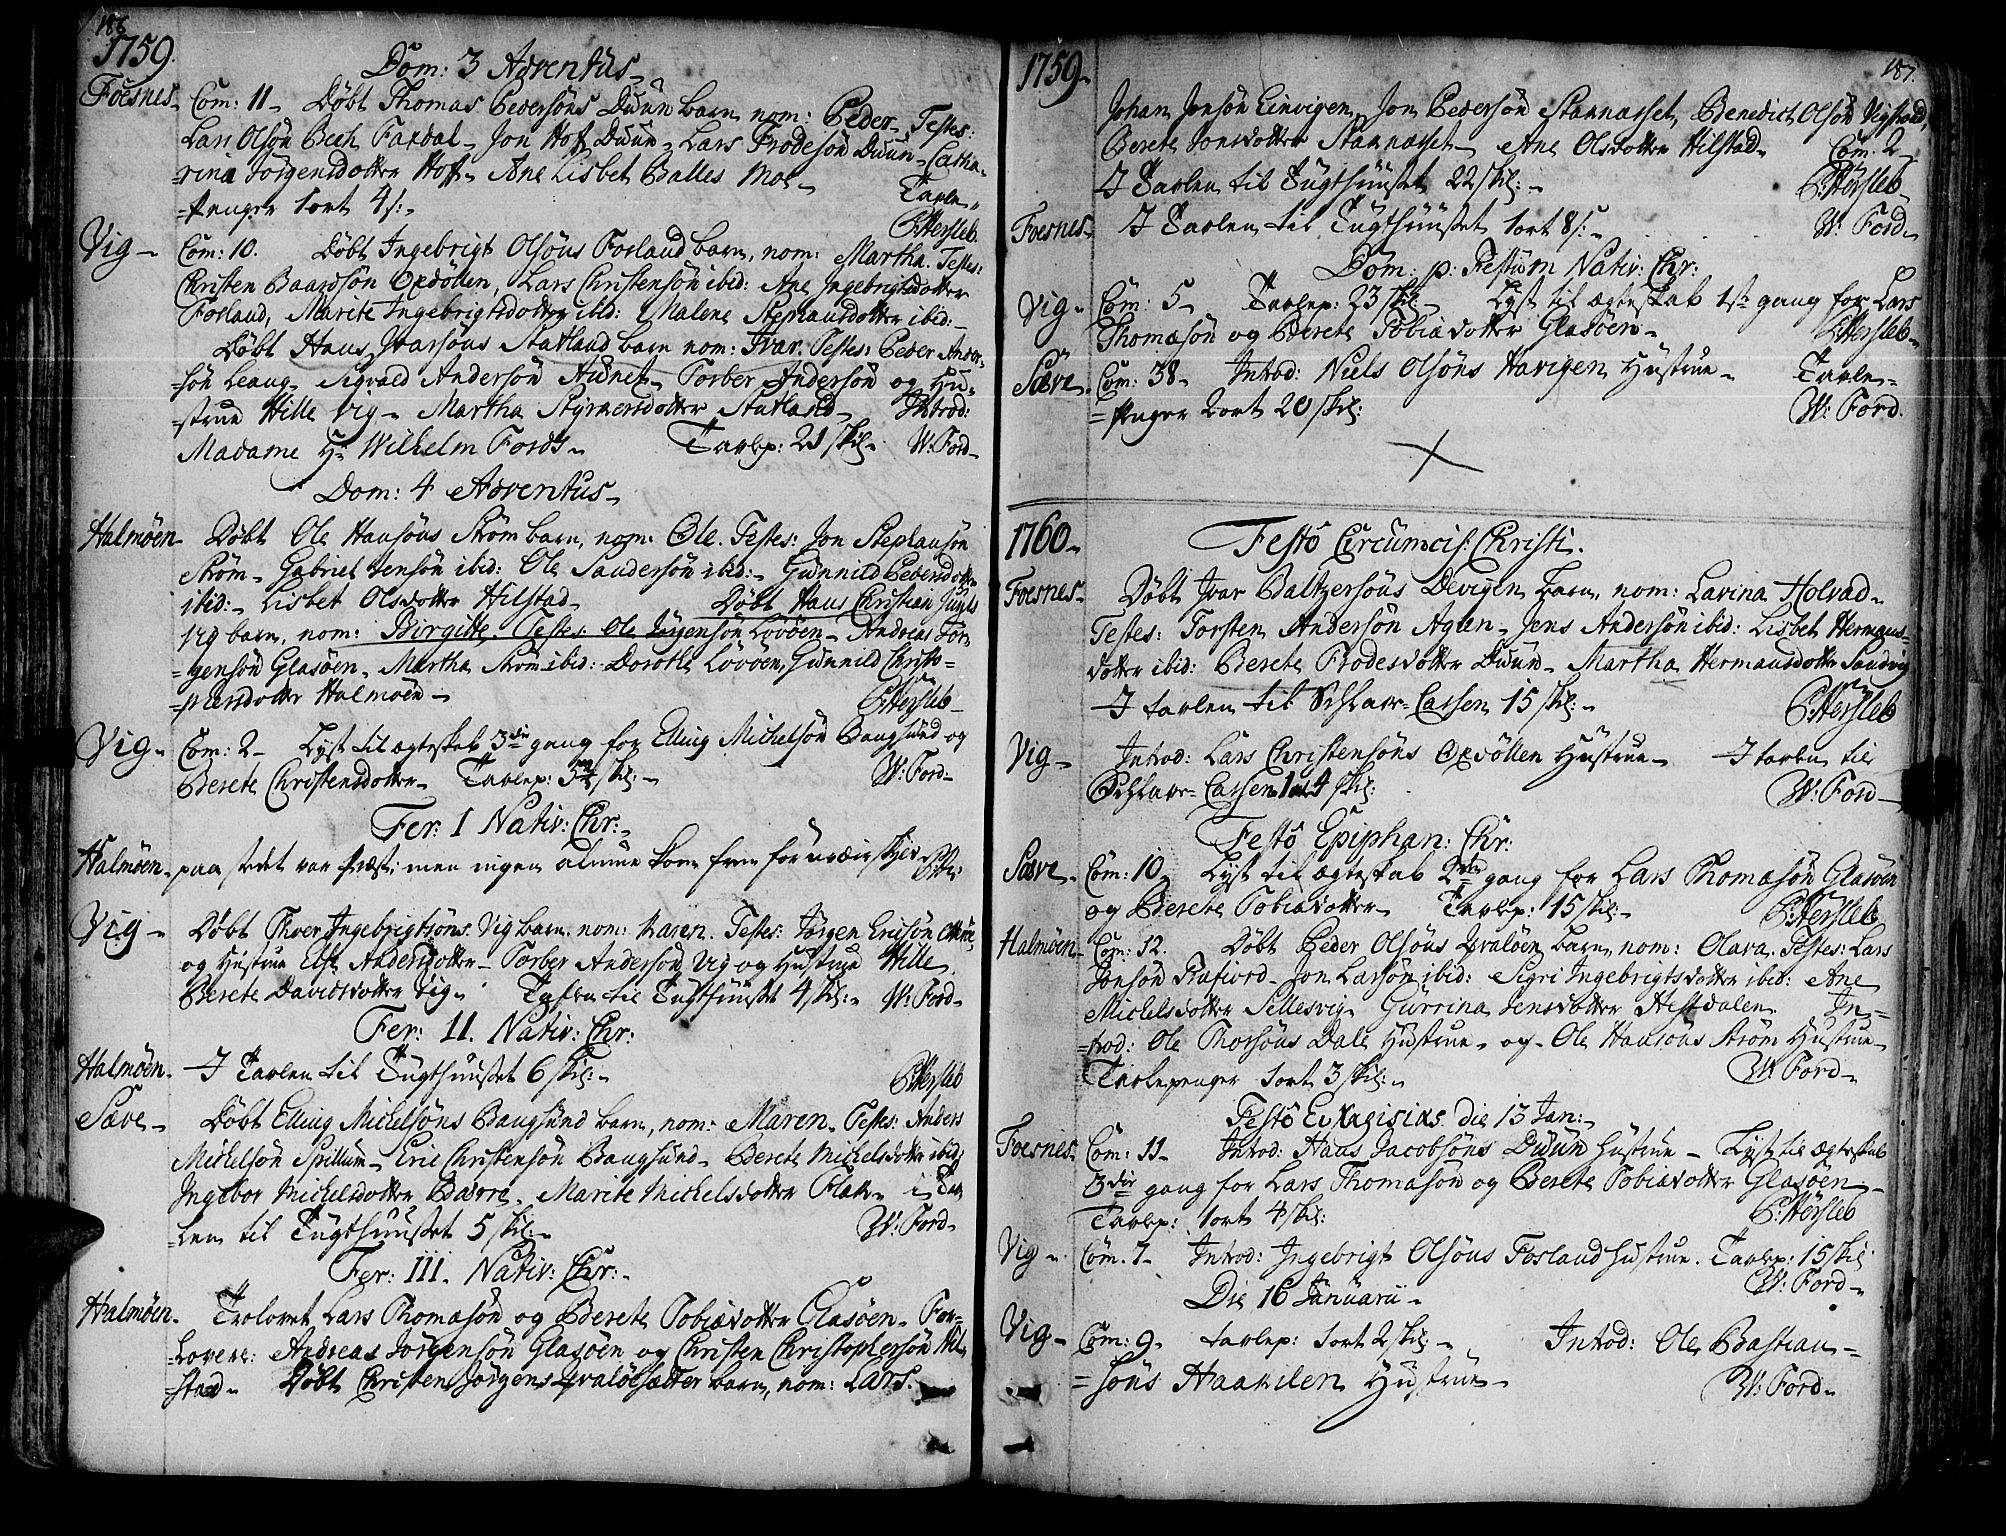 SAT, Ministerialprotokoller, klokkerbøker og fødselsregistre - Nord-Trøndelag, 773/L0607: Ministerialbok nr. 773A01, 1751-1783, s. 186-187